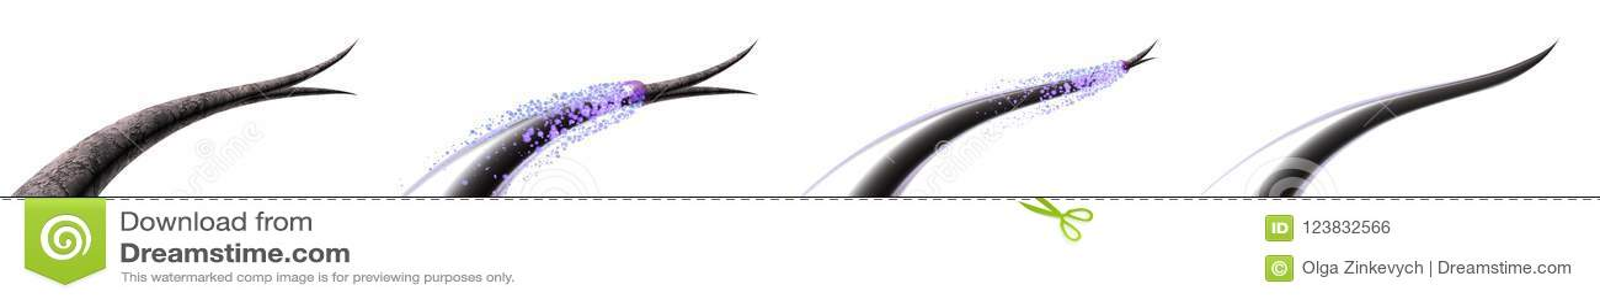 Illustration des soins capillaires 3D Traitant et empêchant les pointes fourchues des cheveux Réparation totale de la racine à in